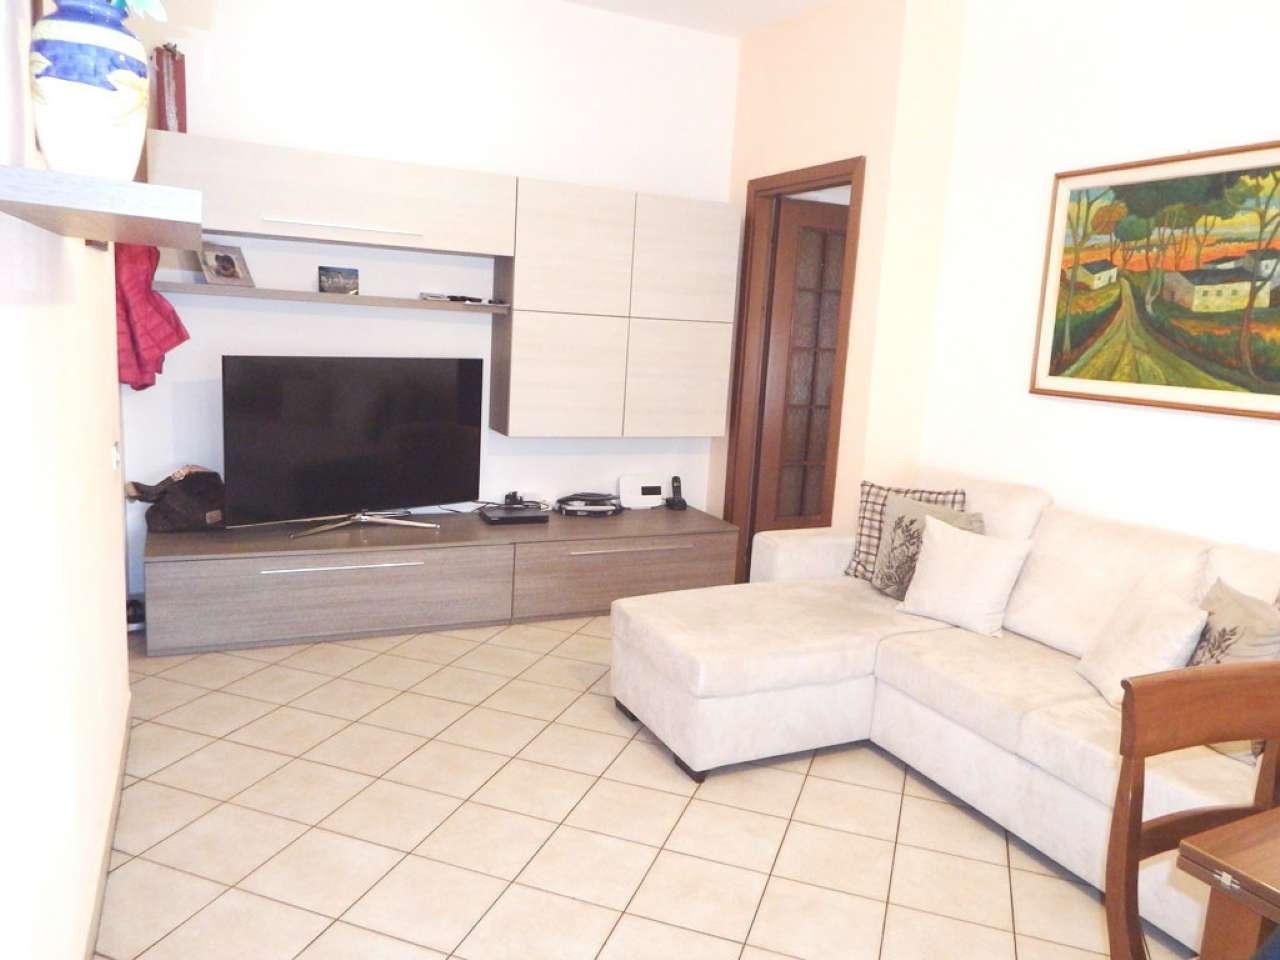 Appartamento in vendita a Segrate, 3 locali, prezzo € 170.000 | Cambio Casa.it